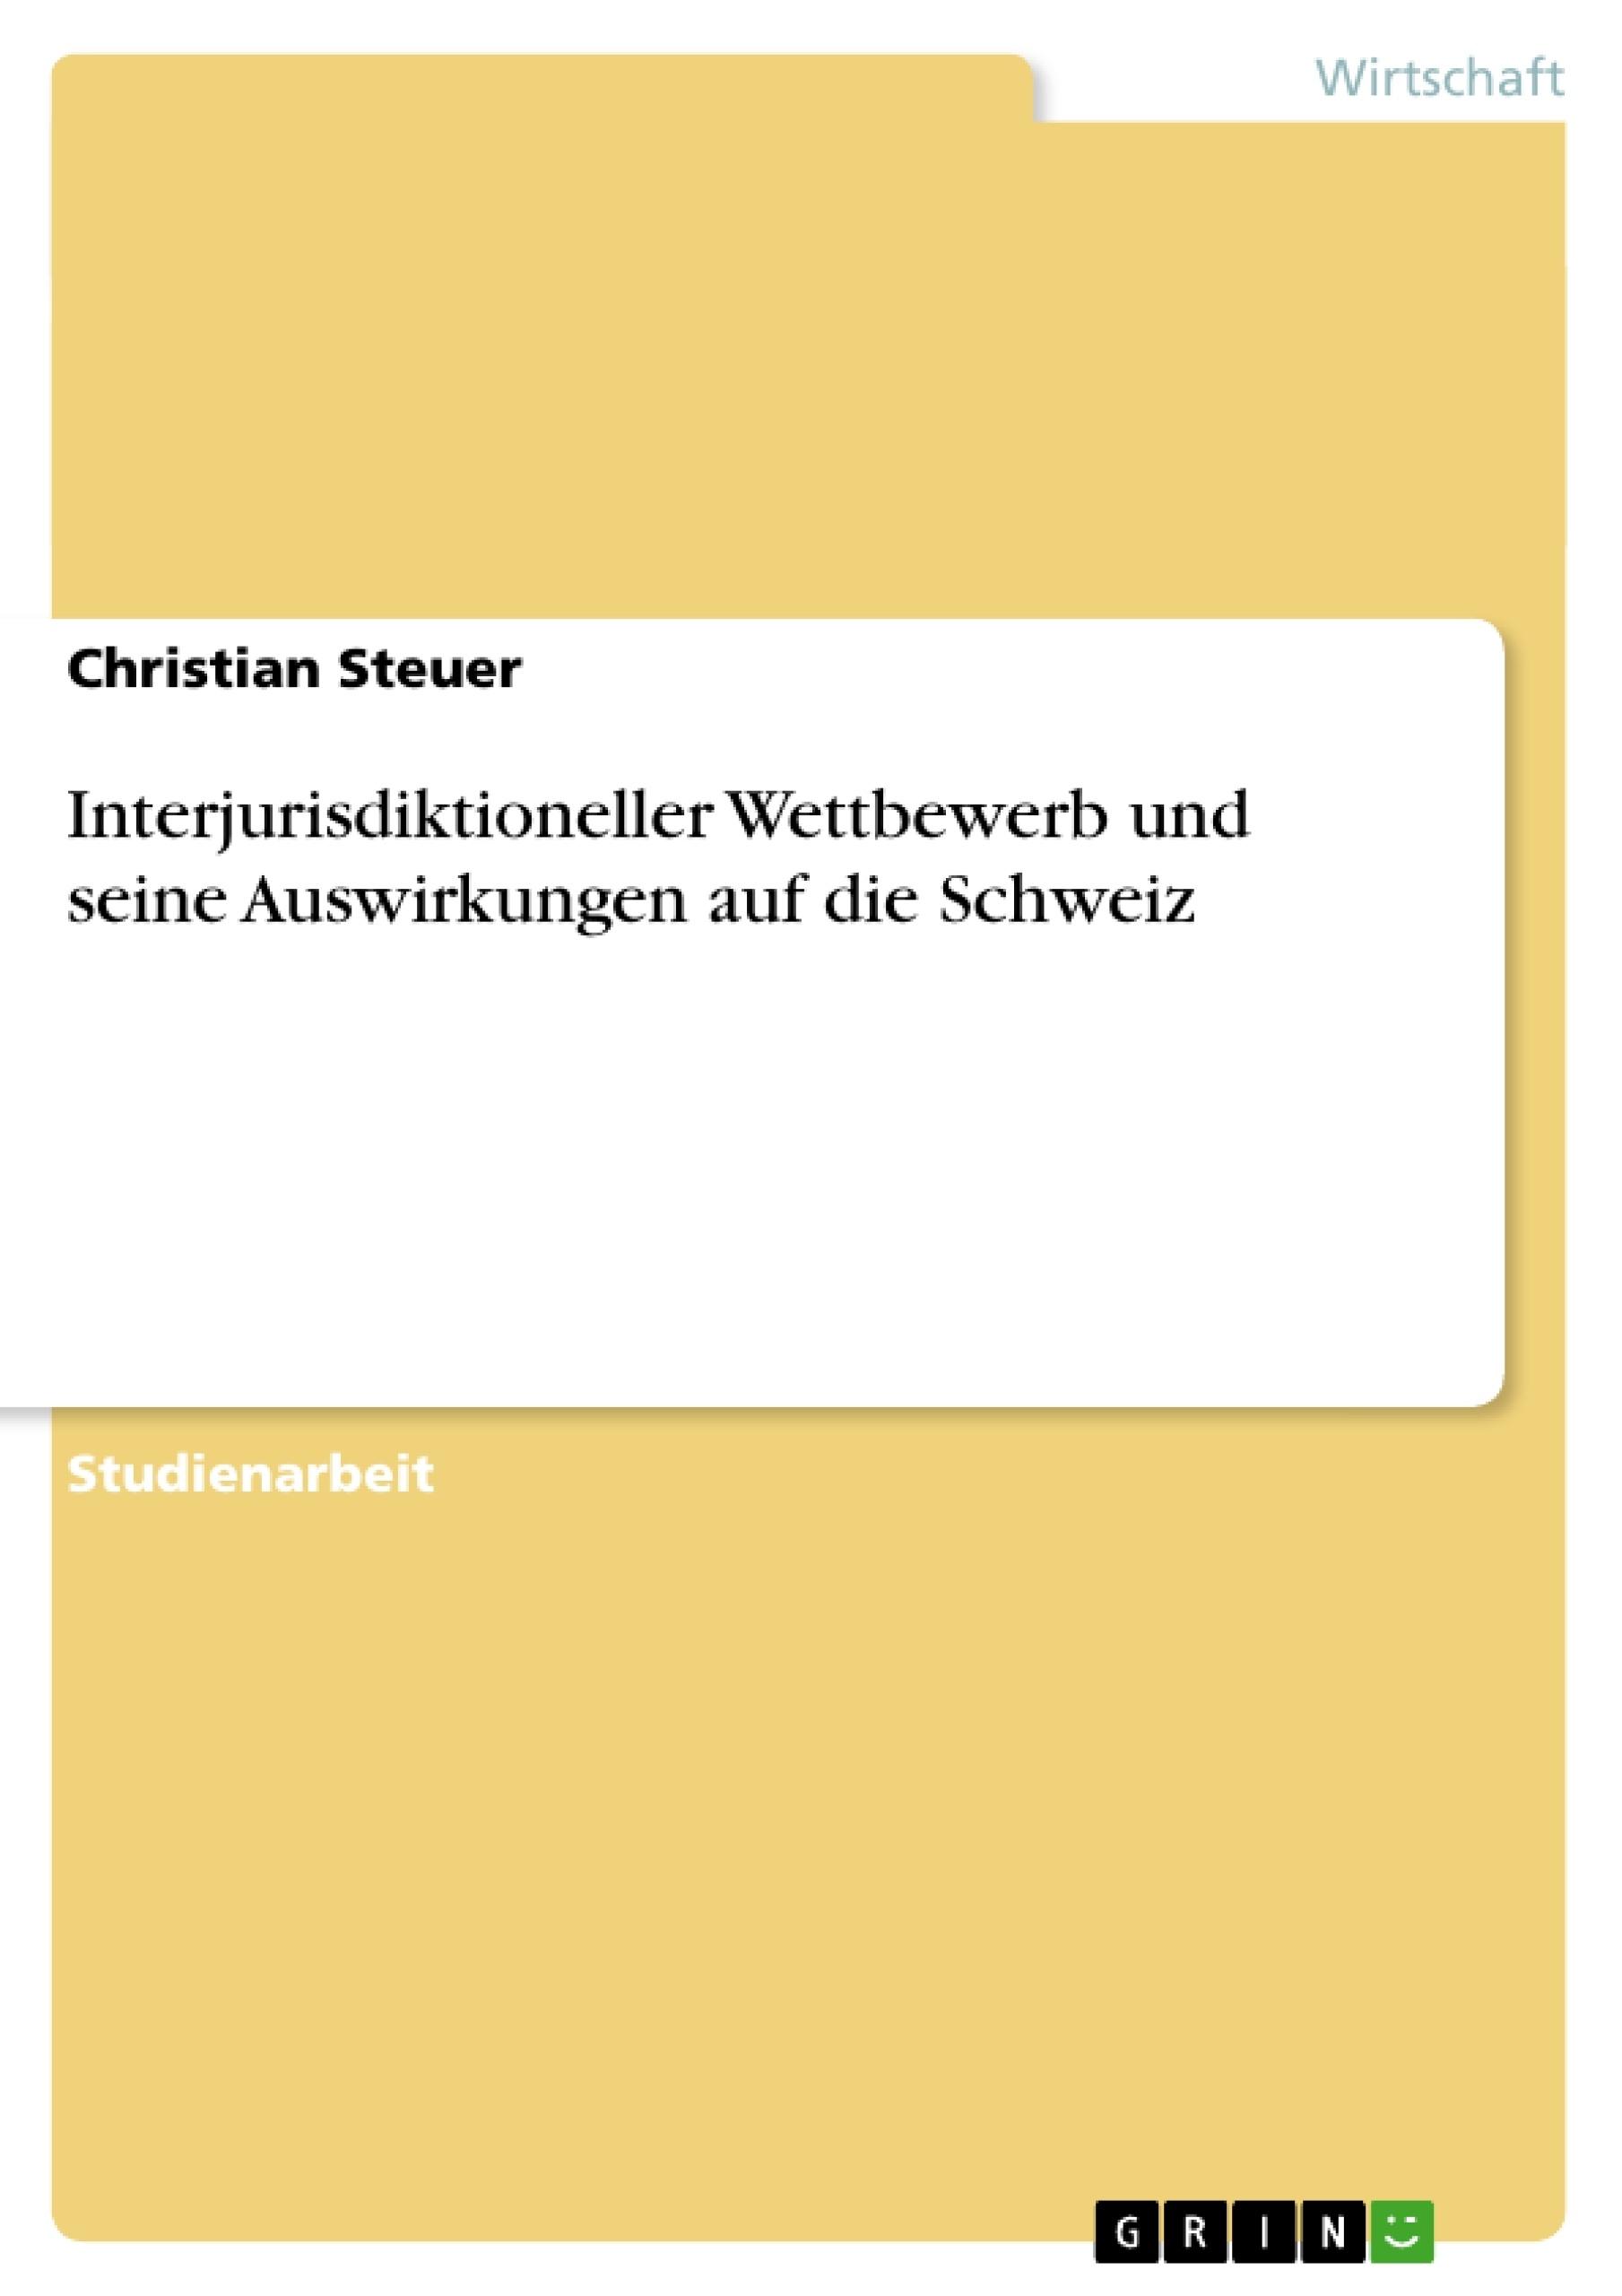 Titel: Interjurisdiktioneller Wettbewerb und seine Auswirkungen auf die Schweiz